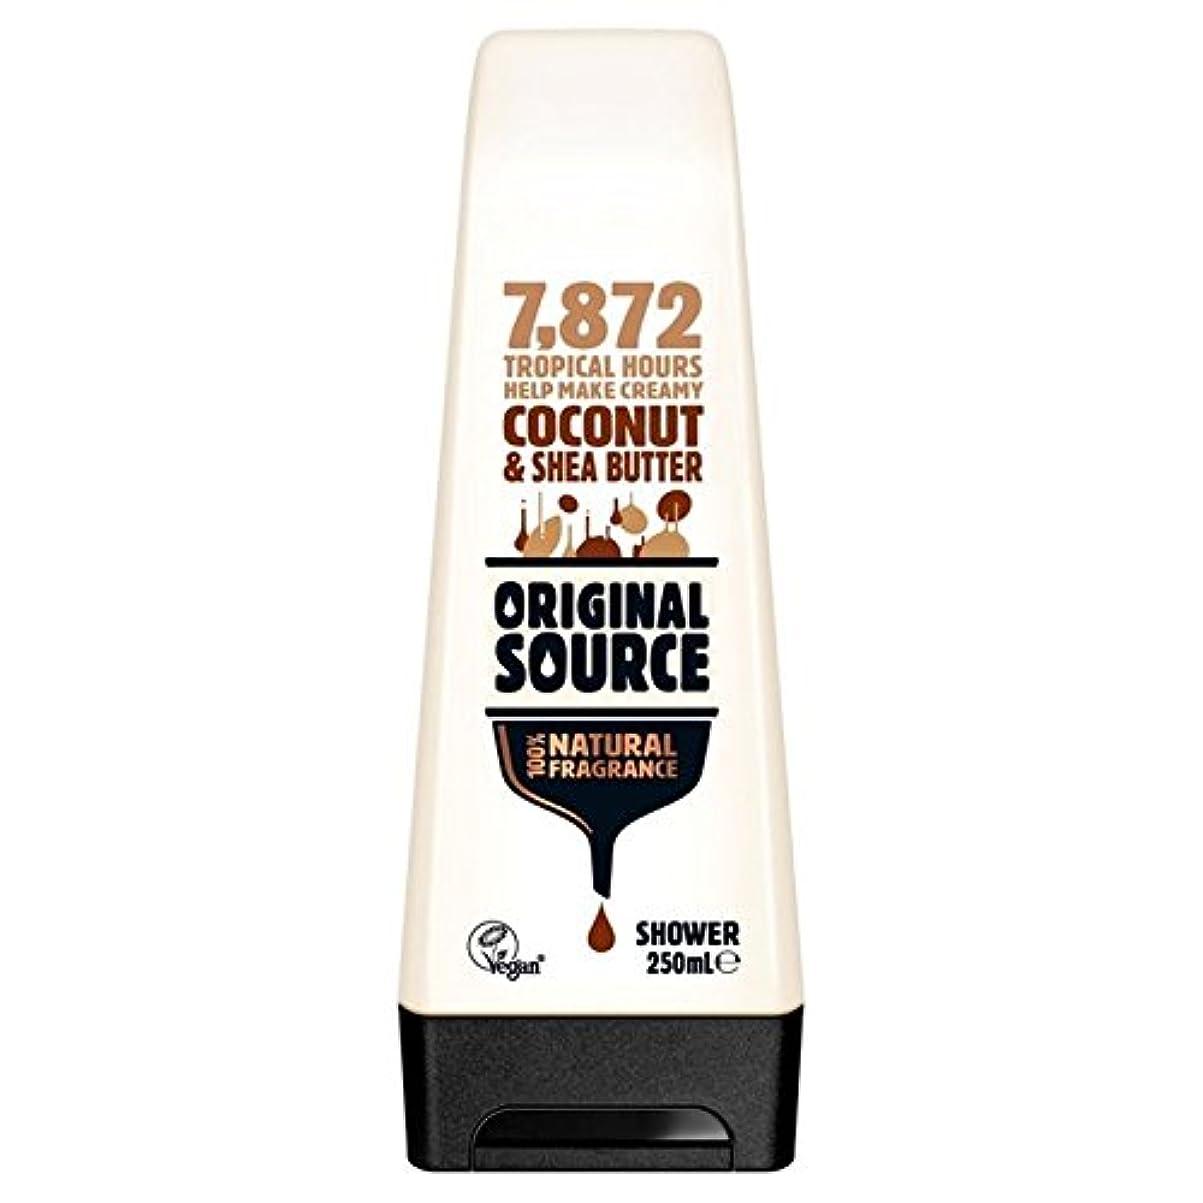 ライター政治家のあそこOriginal Source Moisturising Coconut & Shea Butter Shower Gel 250ml - 元のソース保湿ココナッツ&シアバターシャワージェル250ミリリットル [並行輸入品]